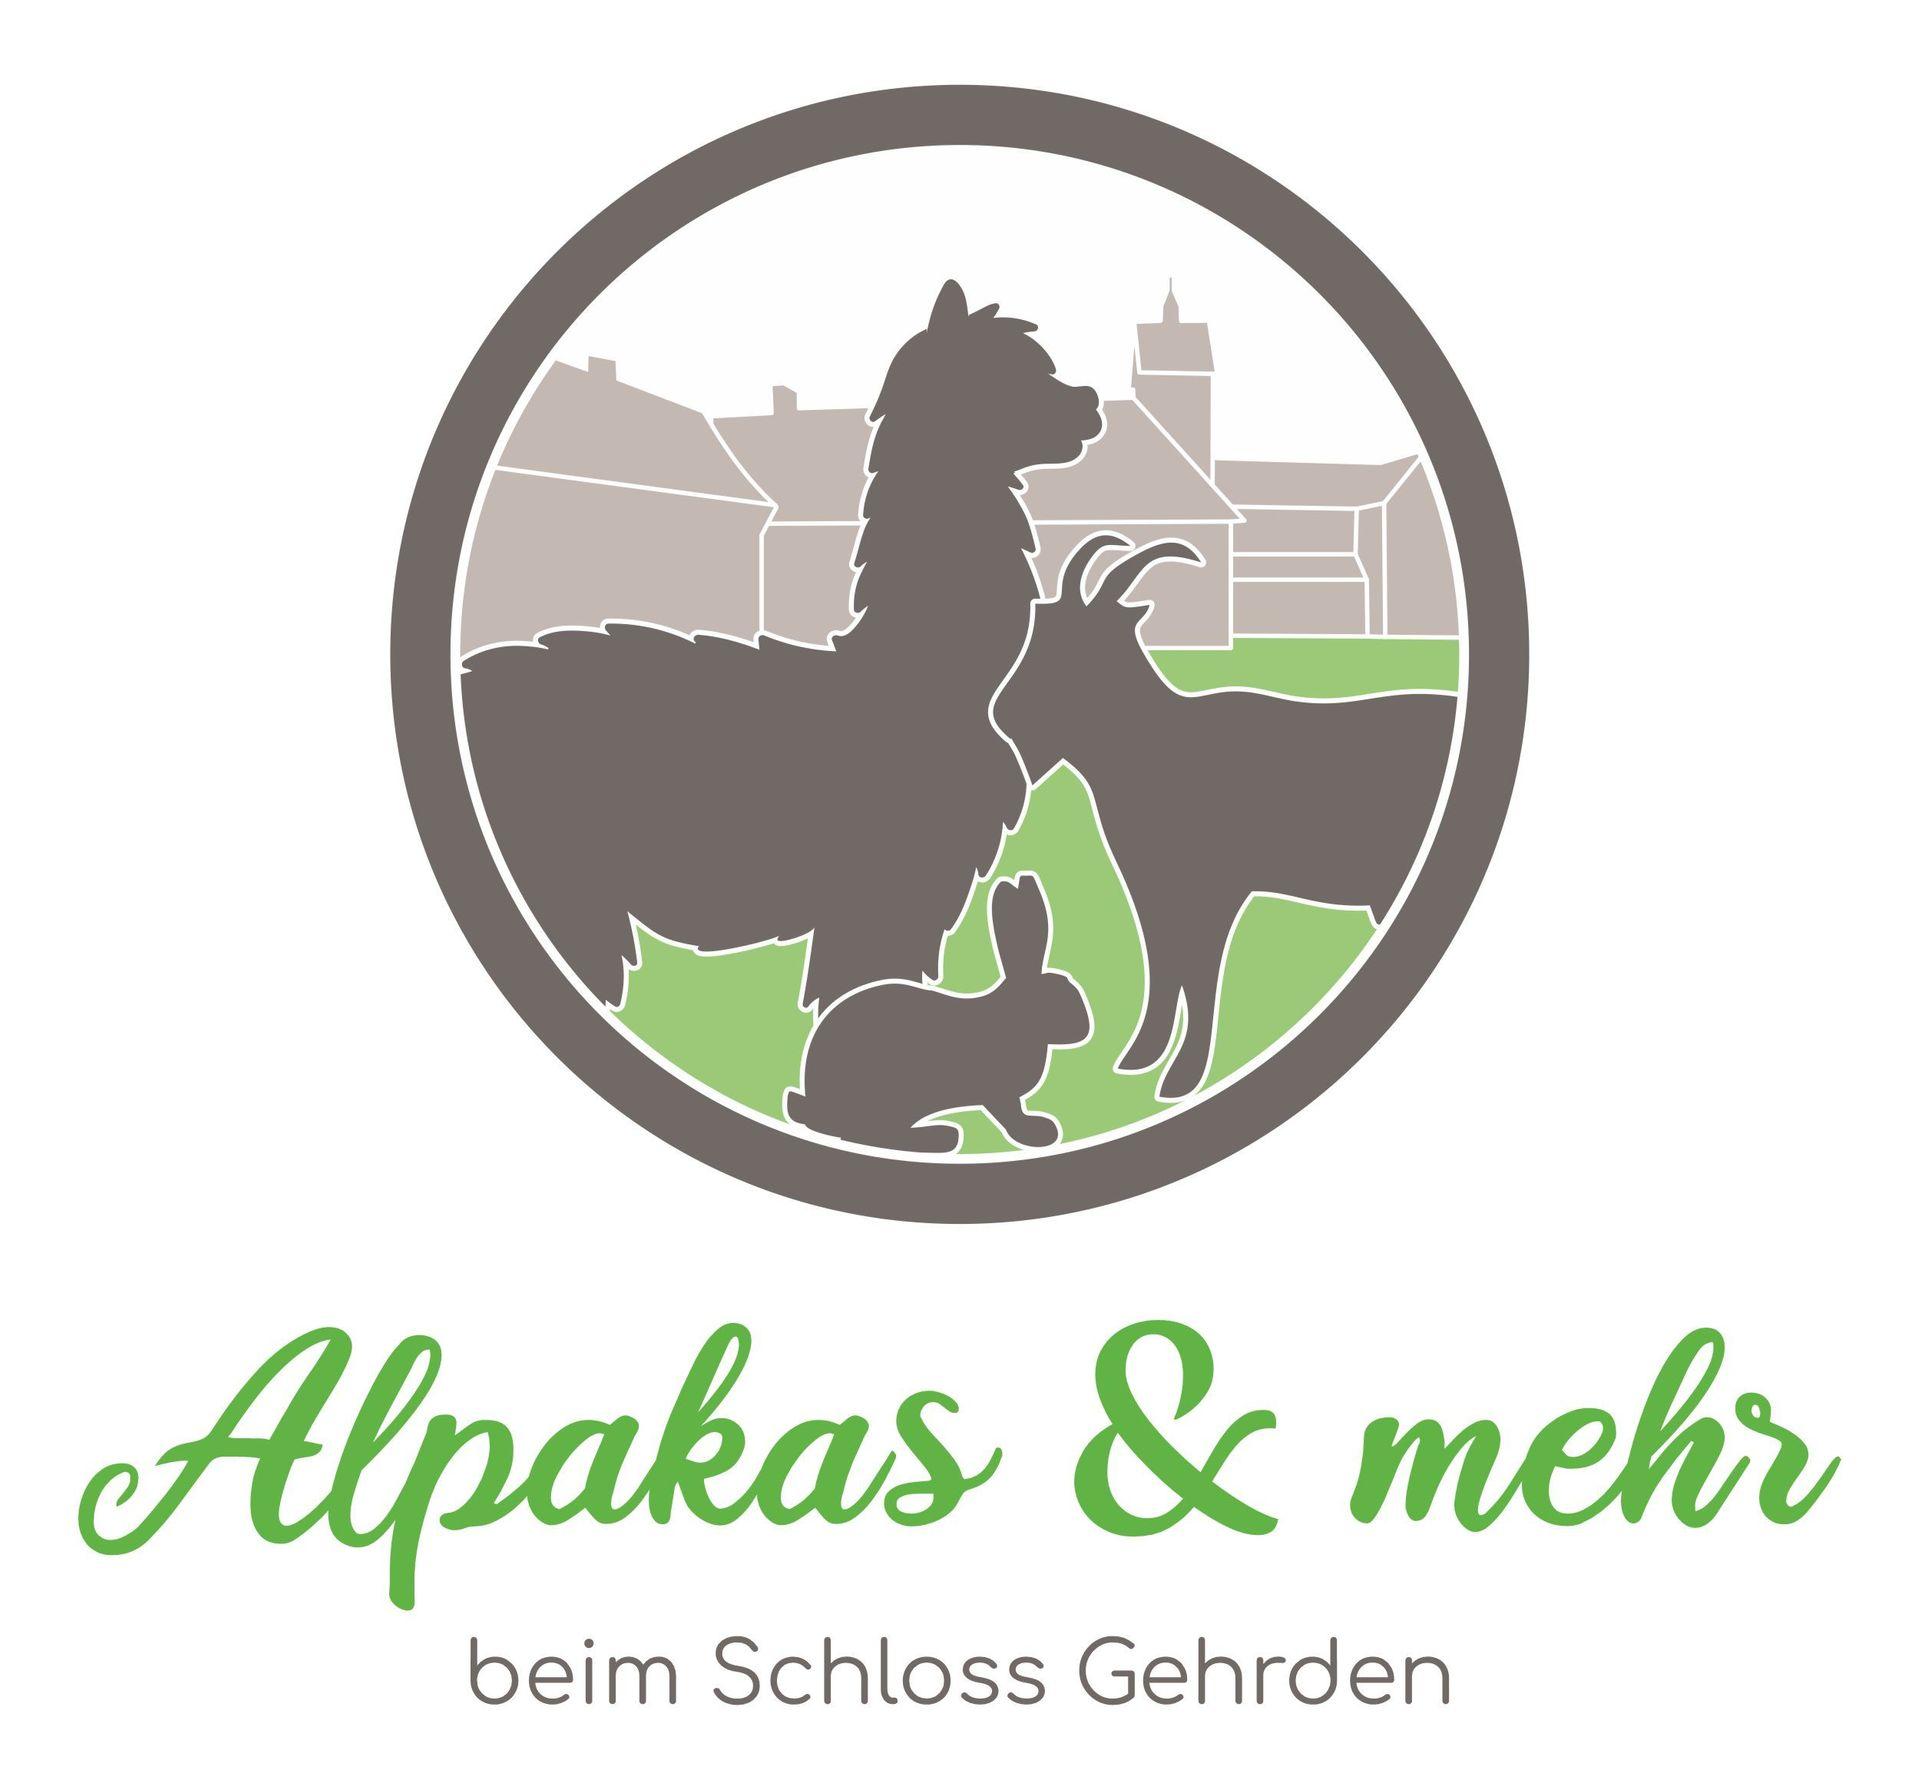 Willkommen! | Alpakas Gehrden